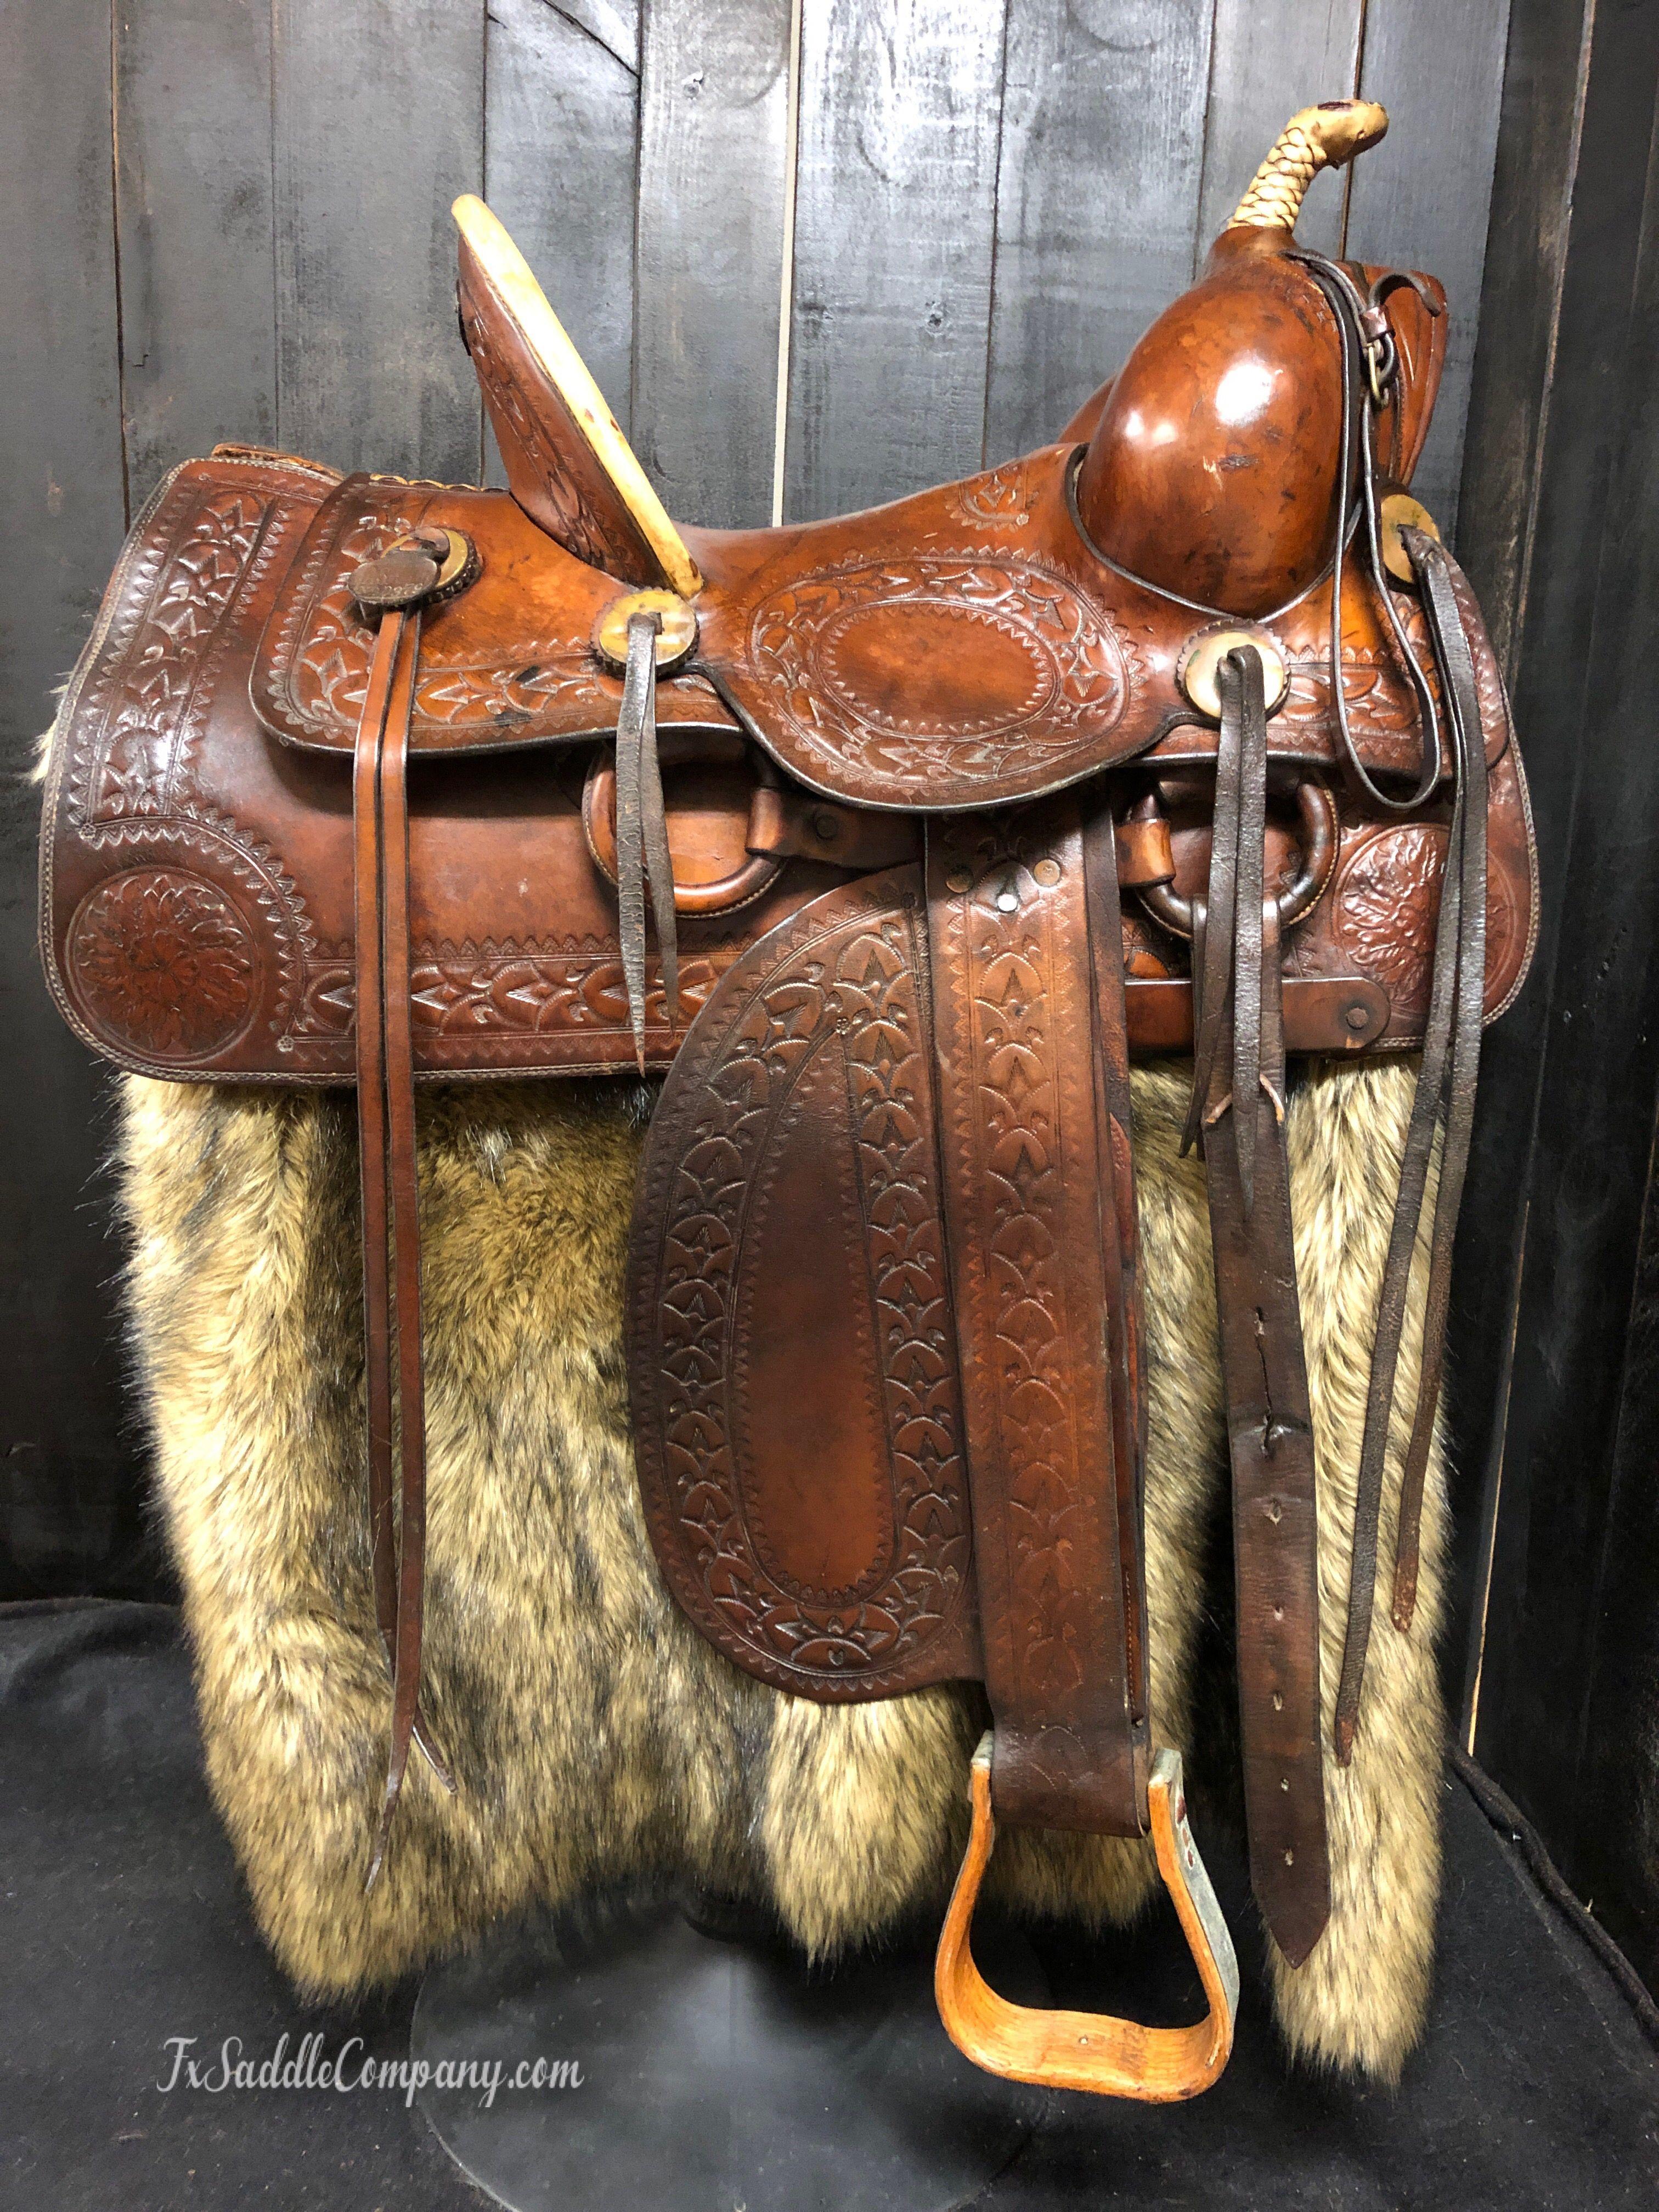 Antique Askew High Back Saddle | Vintage/Antique